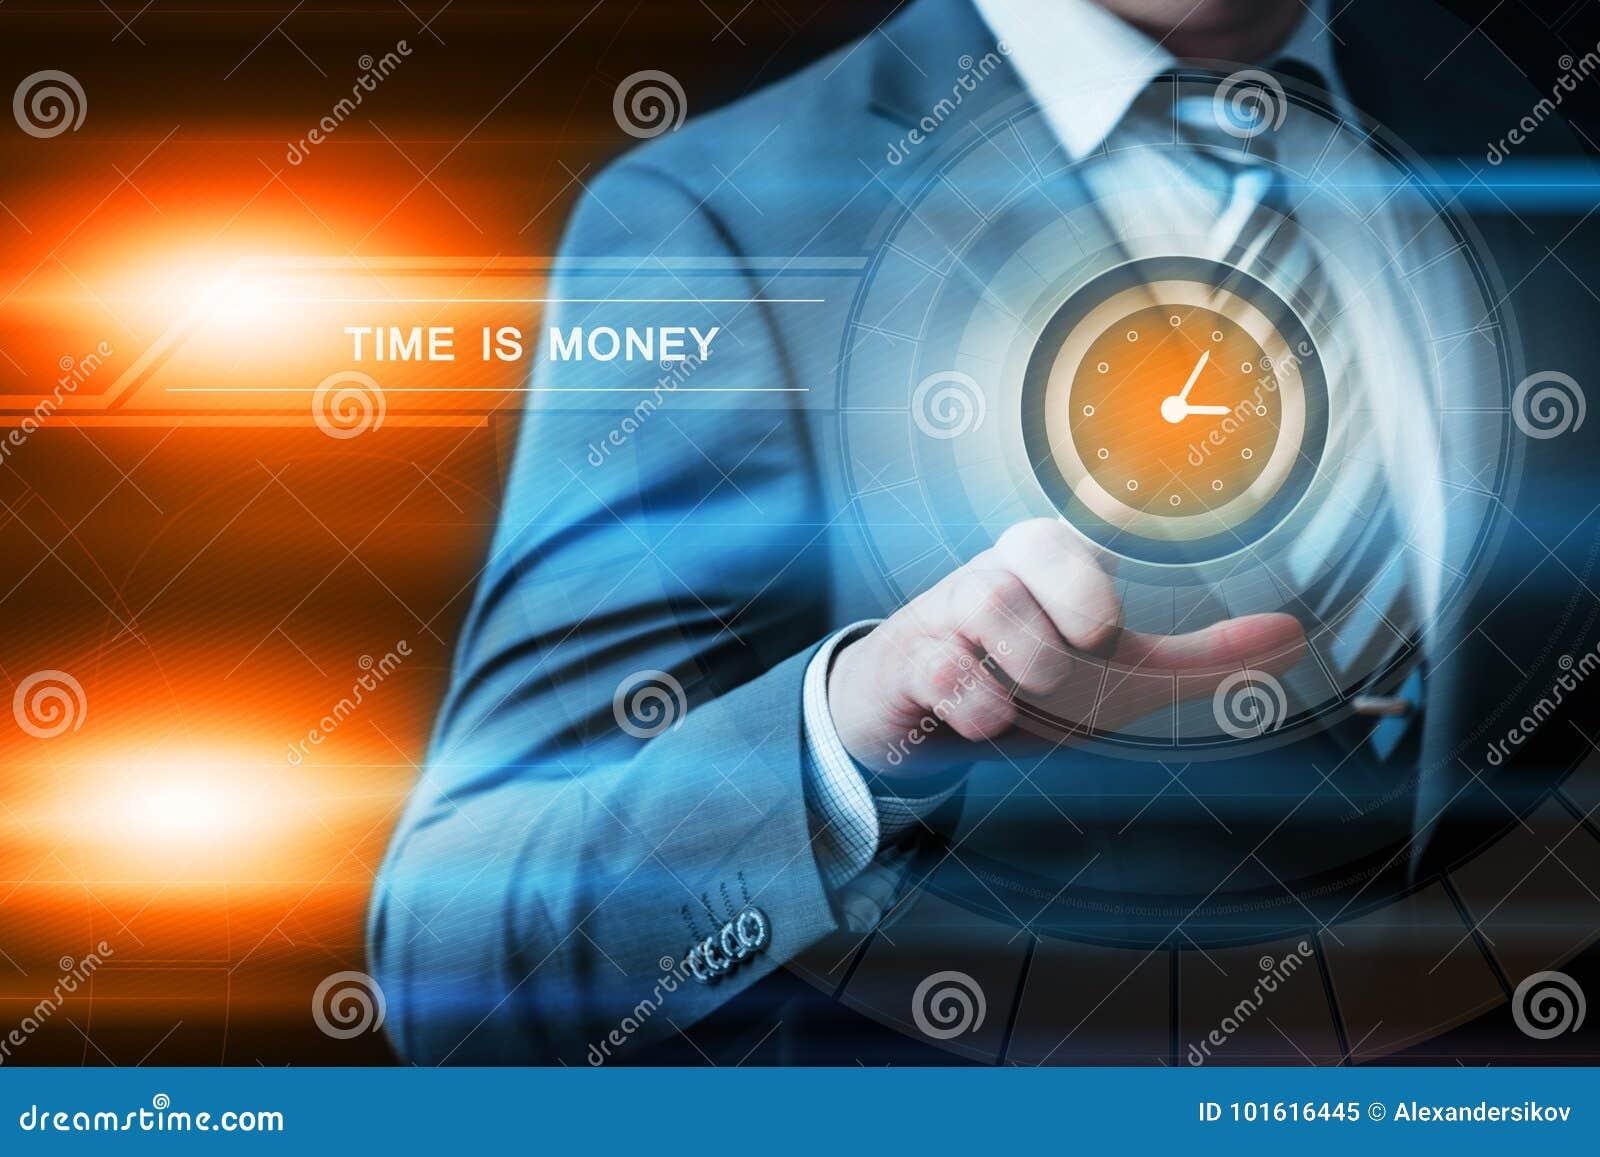 Zeit ist Geld Investitions-Finanzgeschäfts-Technologie-Internet-Konzept